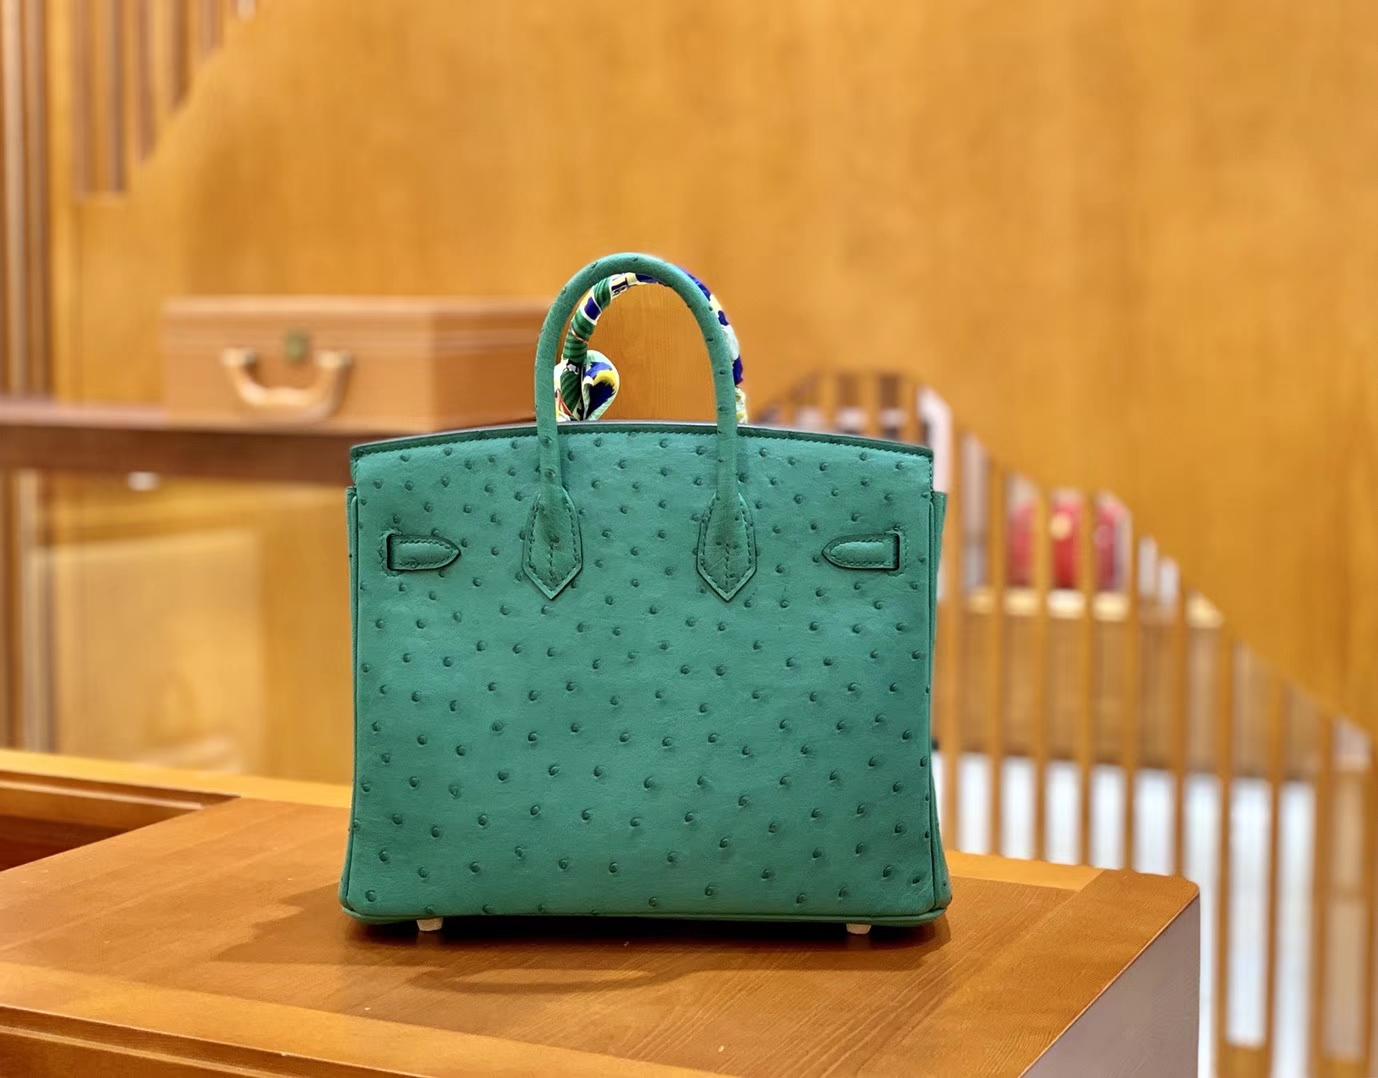 Hermès(爱马仕)Birkin 30 鸵鸟皮  湖水绿 金扣 全手工缝制